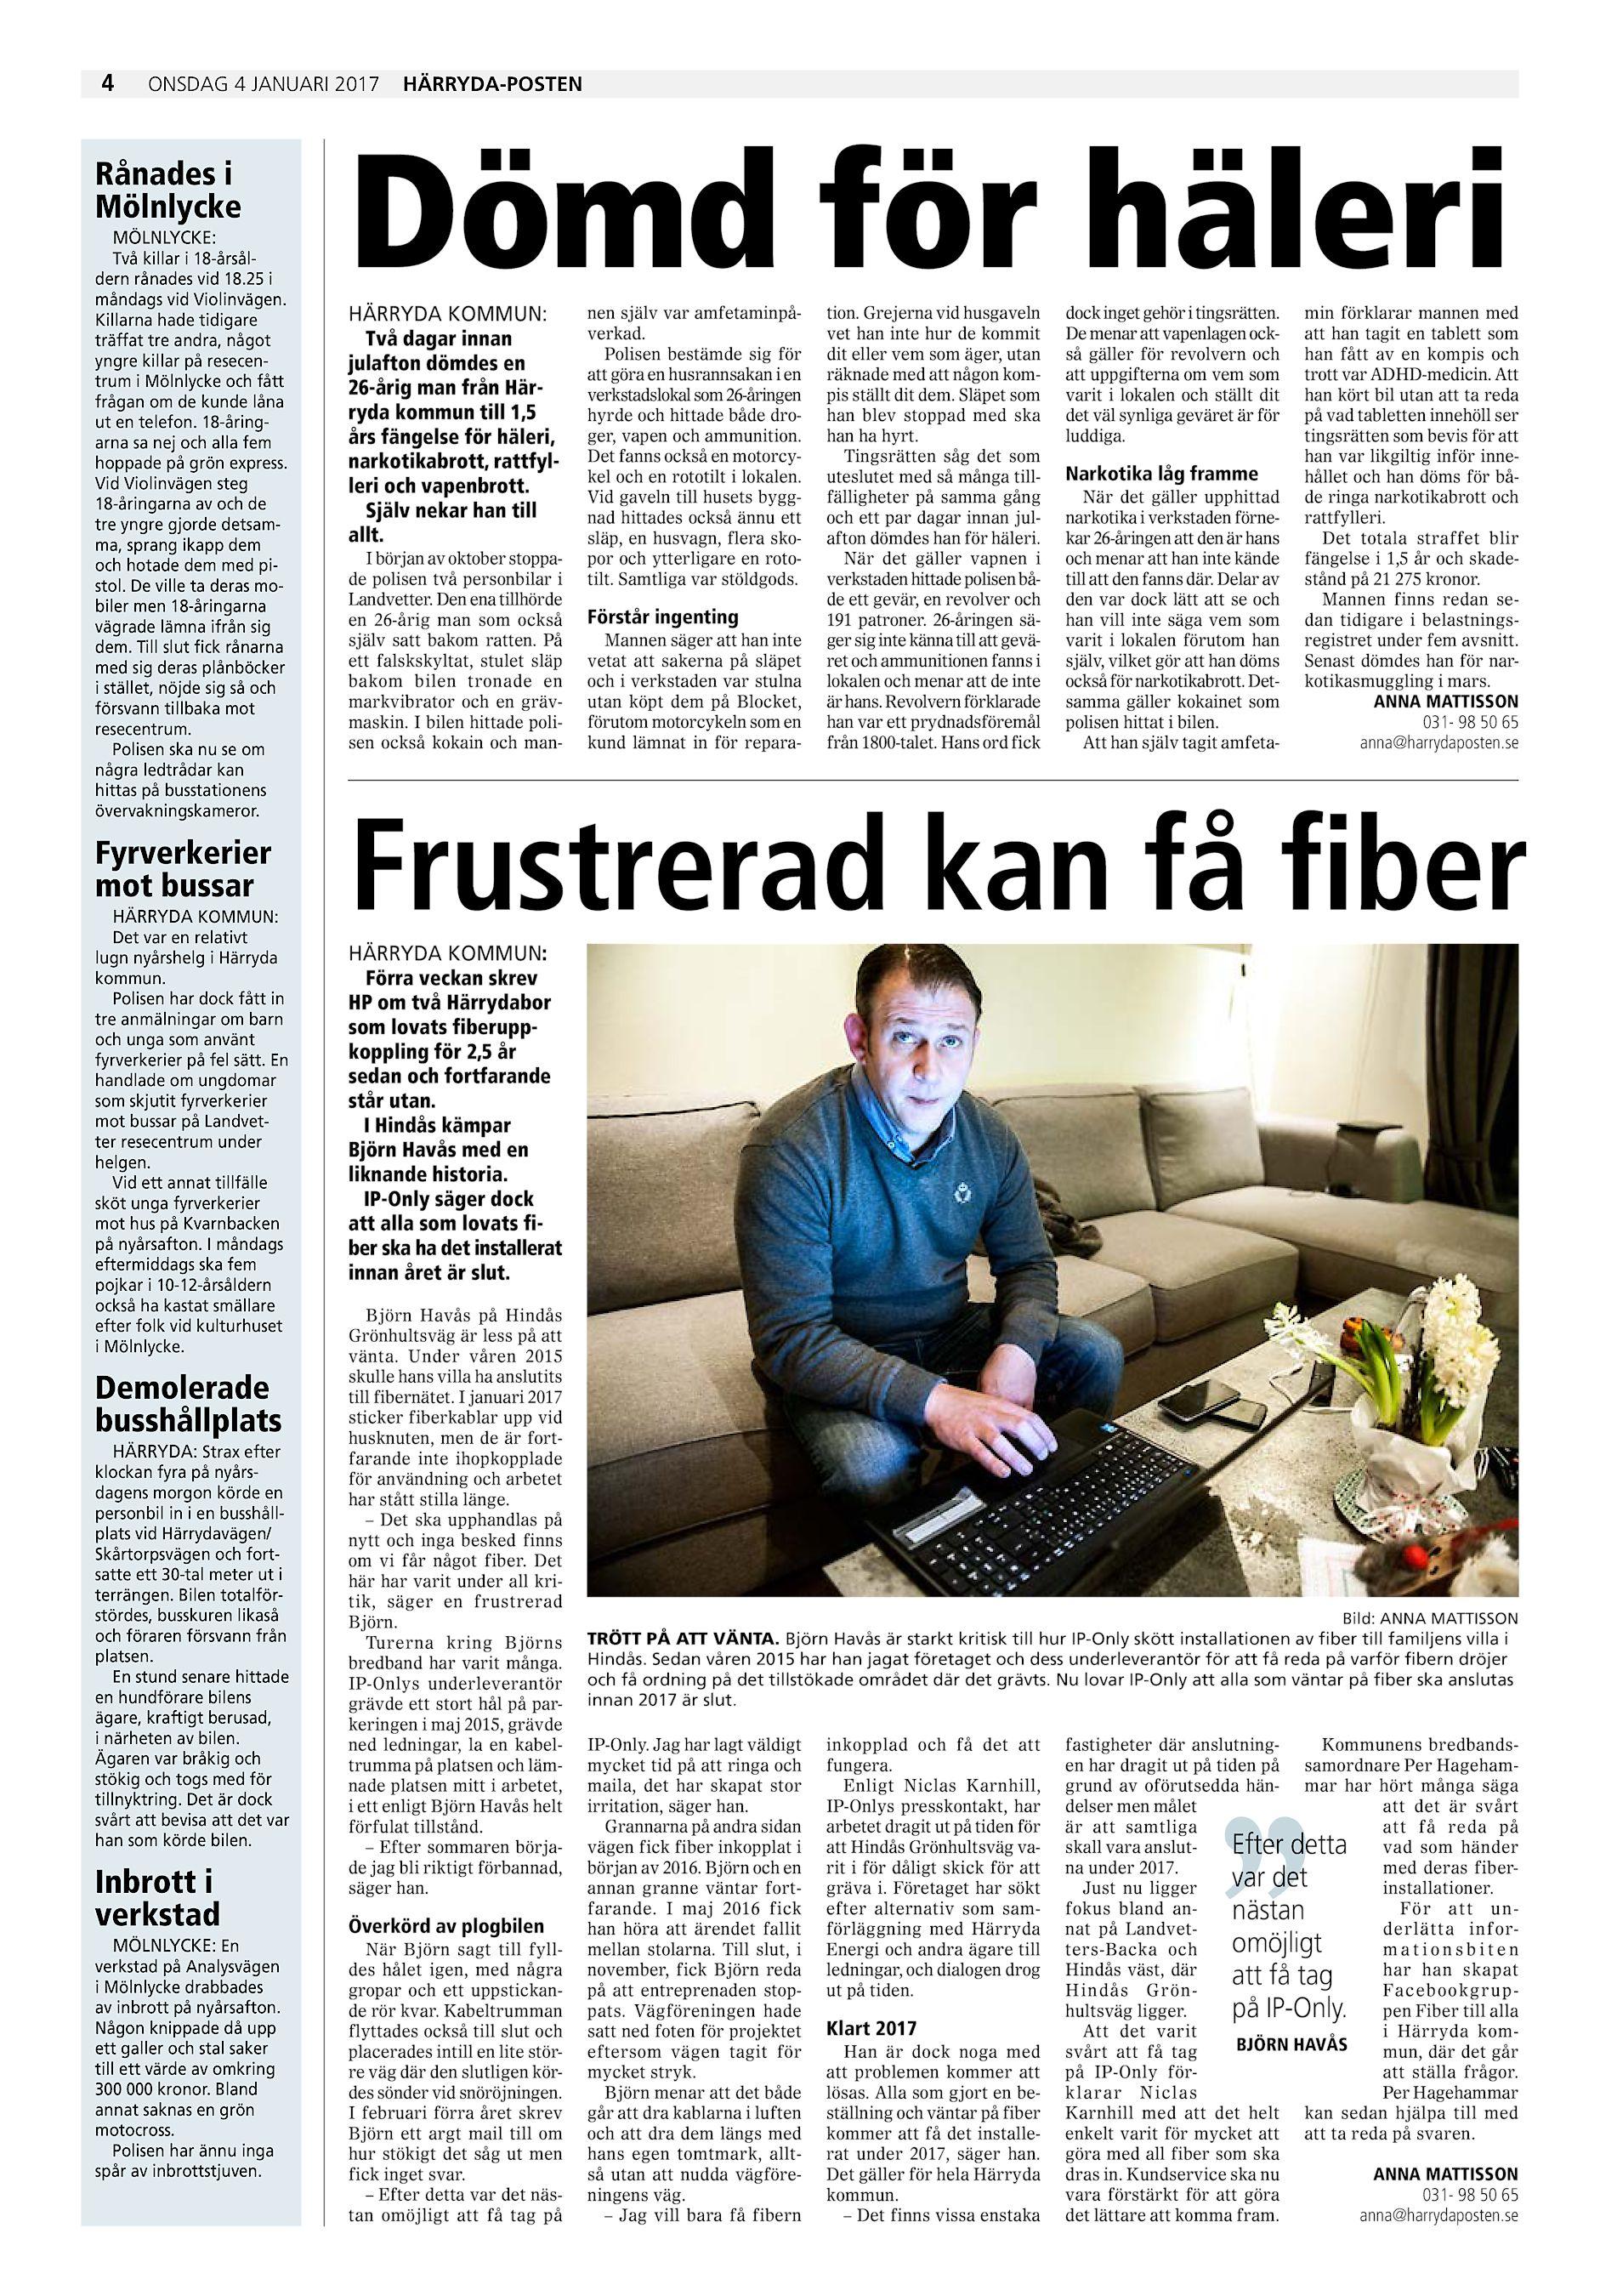 Dejting Varberg | Hitta krleken bland singelfrldrar